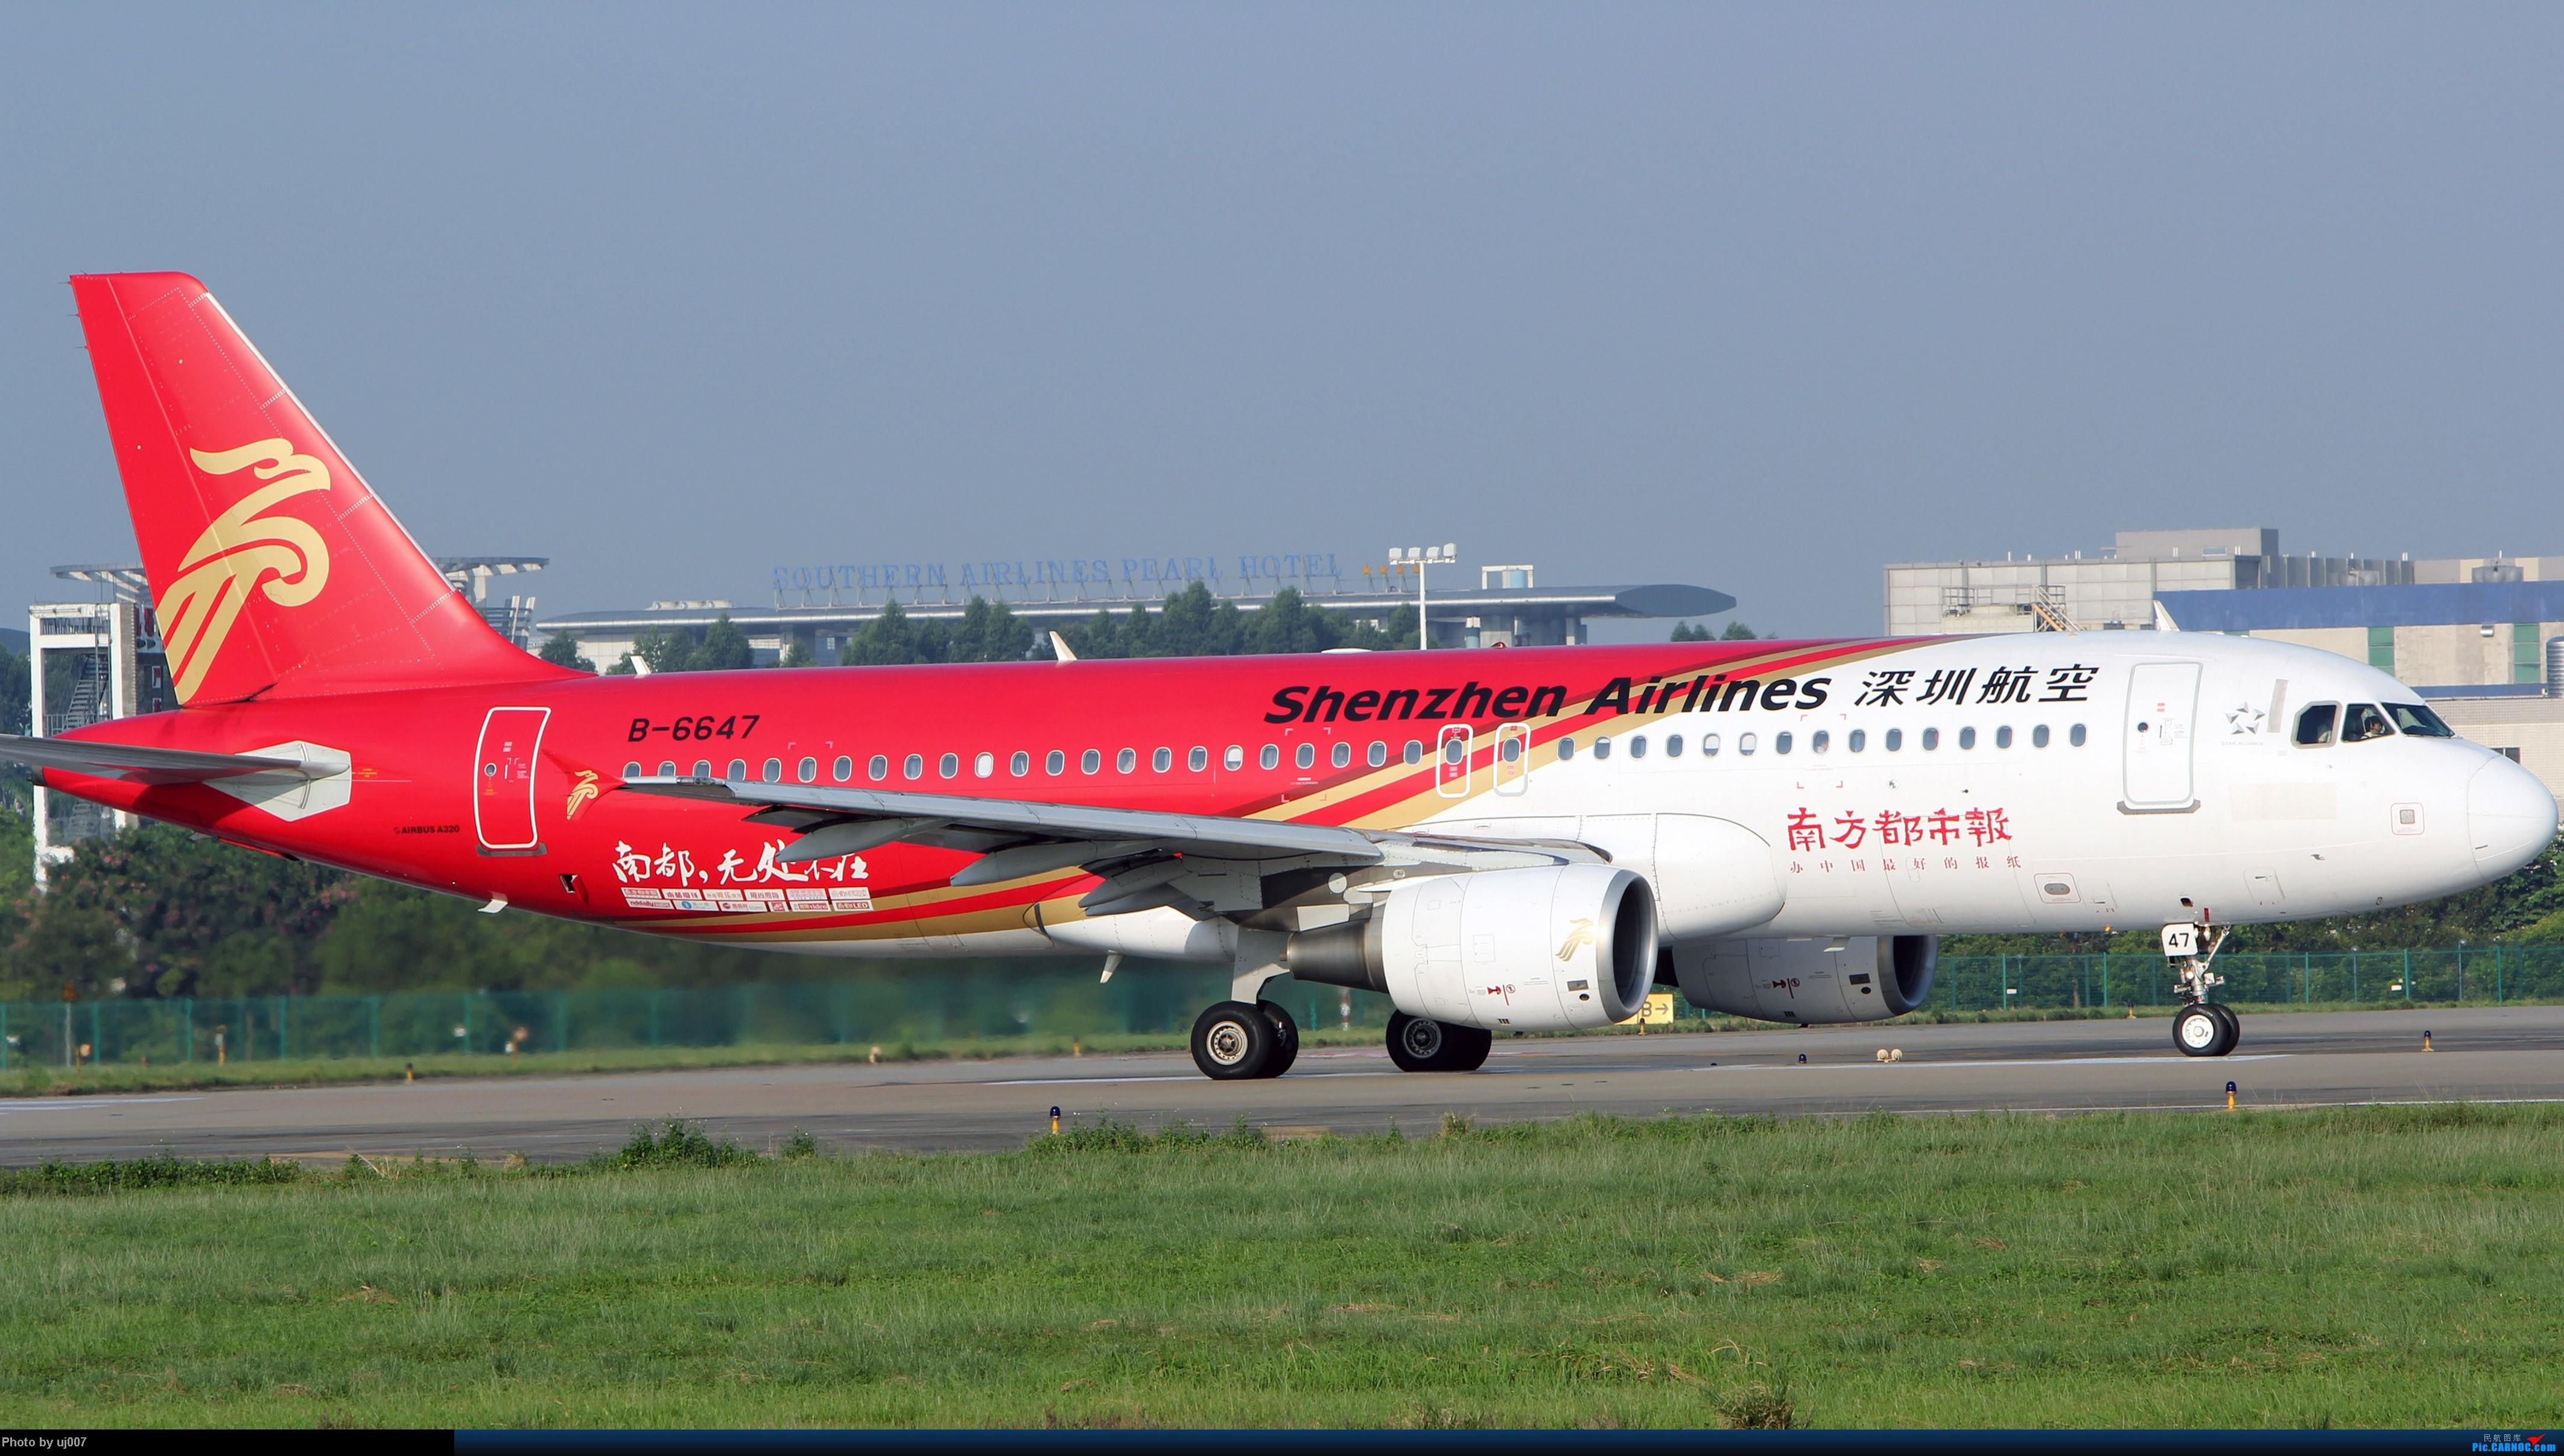 Re:[原创]10月2日白云拍机(大飞机,特别妆,外航,闪灯,擦烟)求指点. AIRBUS A320-200 B-6647 广州白云国际机场